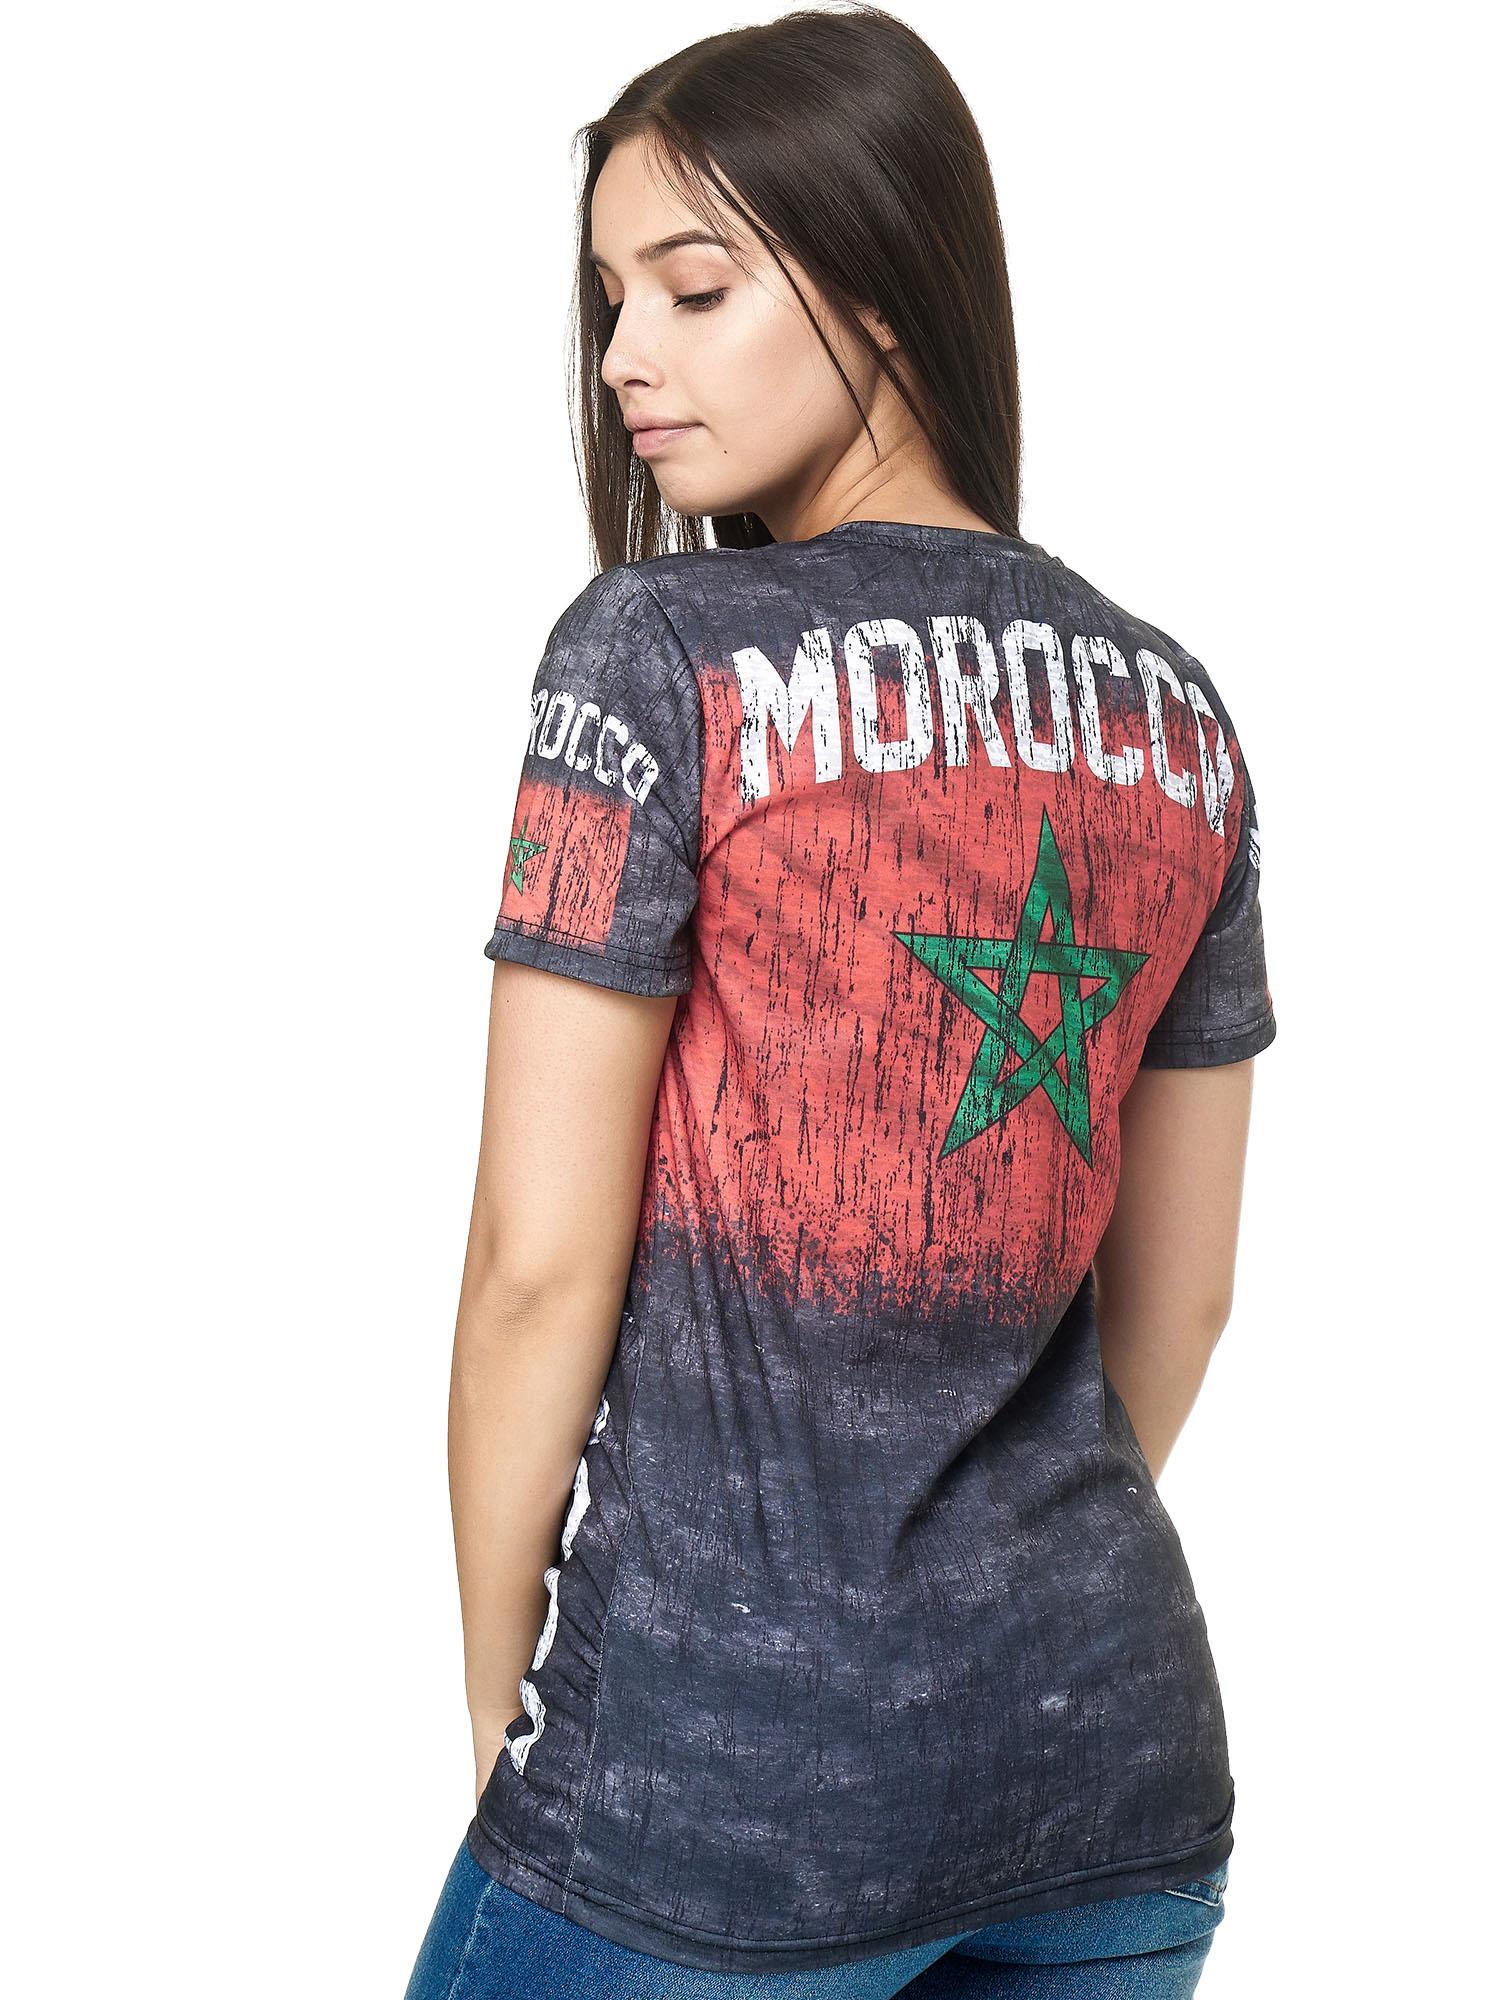 Paesi-da-Donna-T-shirt-A-Maniche-Corte-Girocollo-donne-CALCIO-Fanshirt-John-Kayna miniatura 25